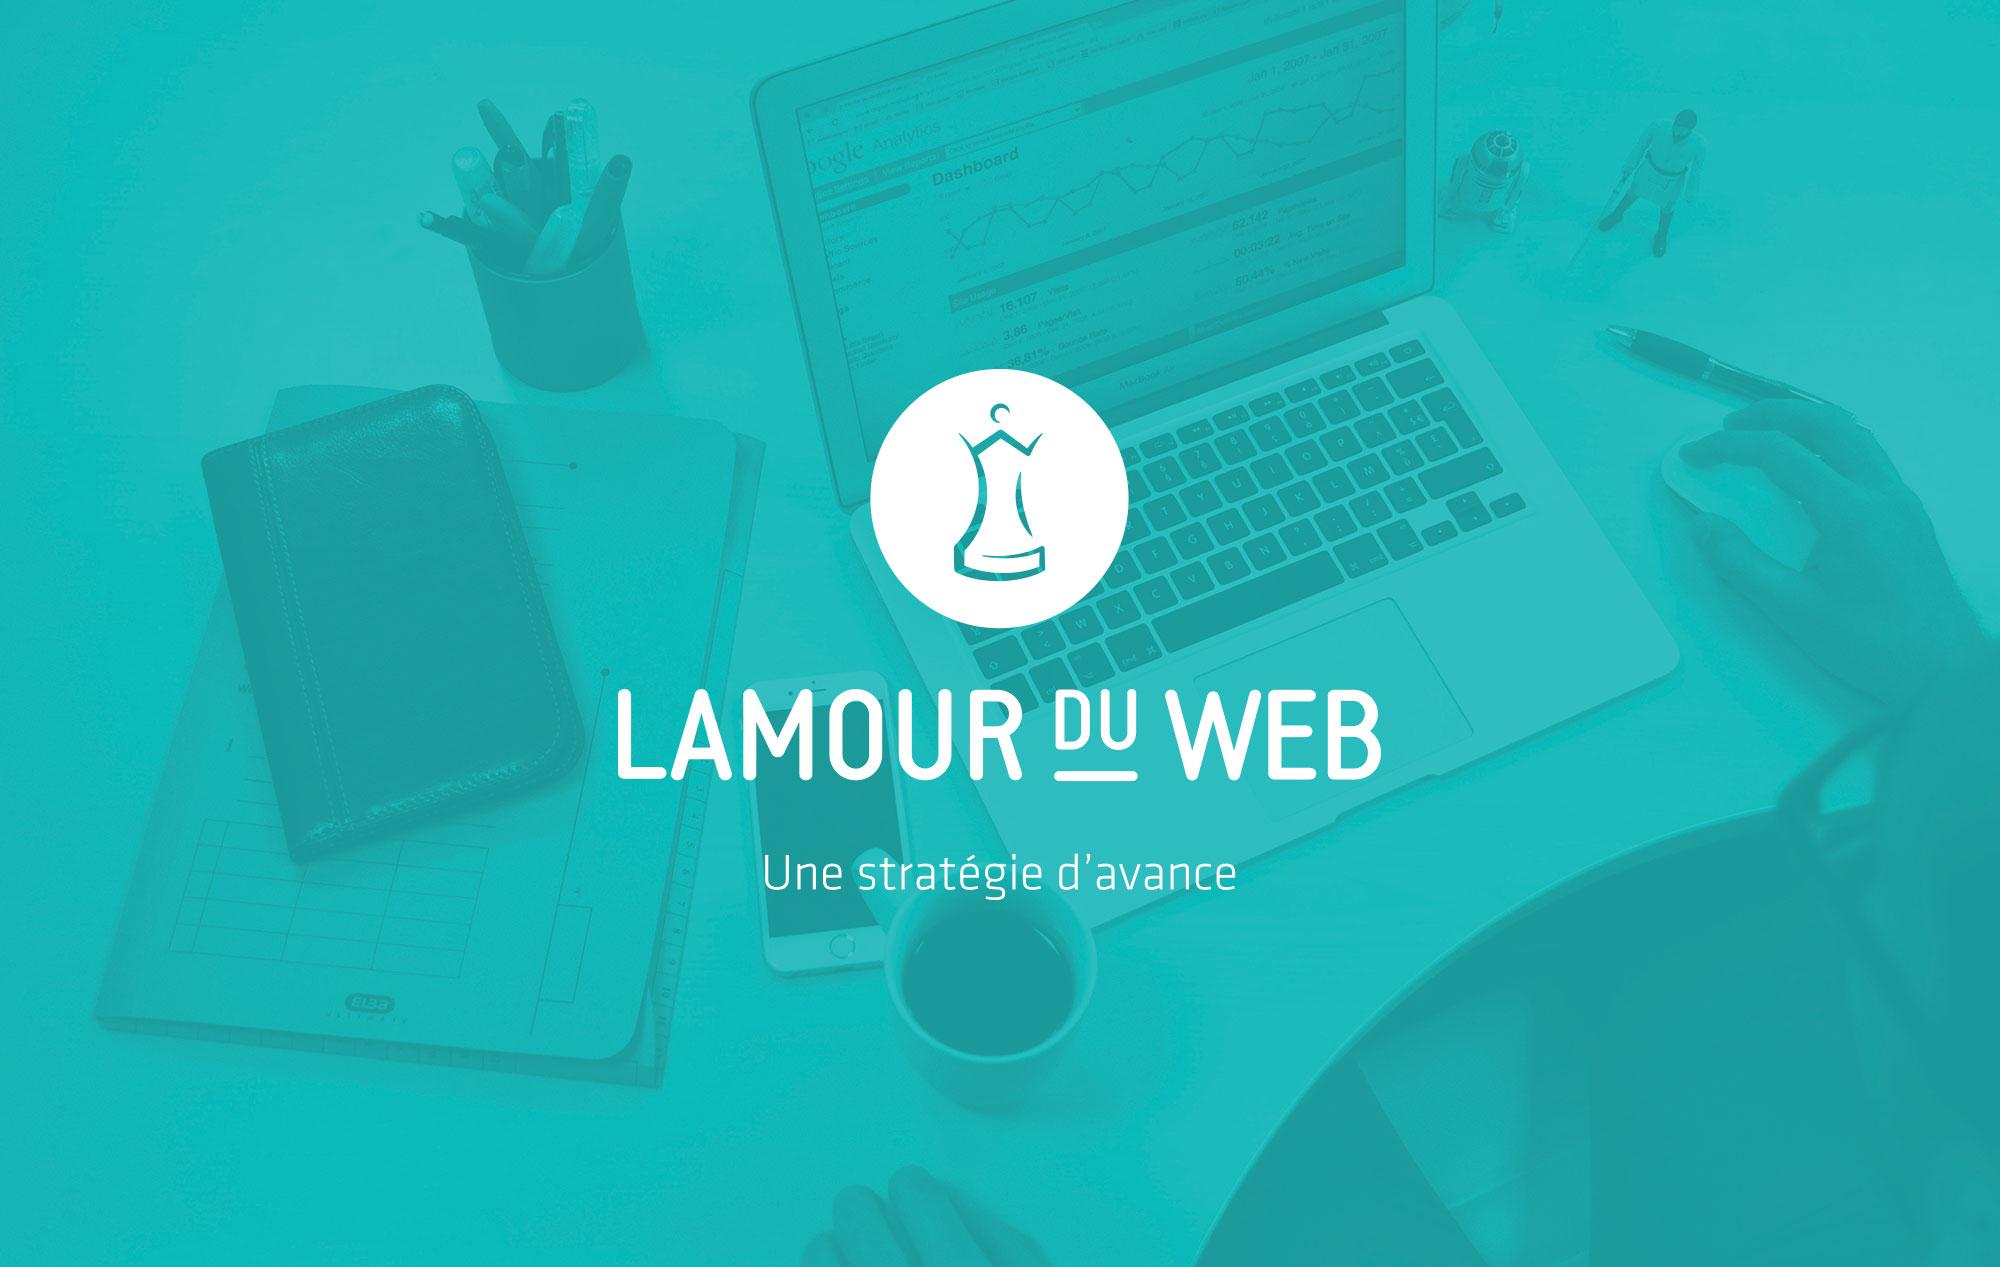 Identité visuelle Lamour du web